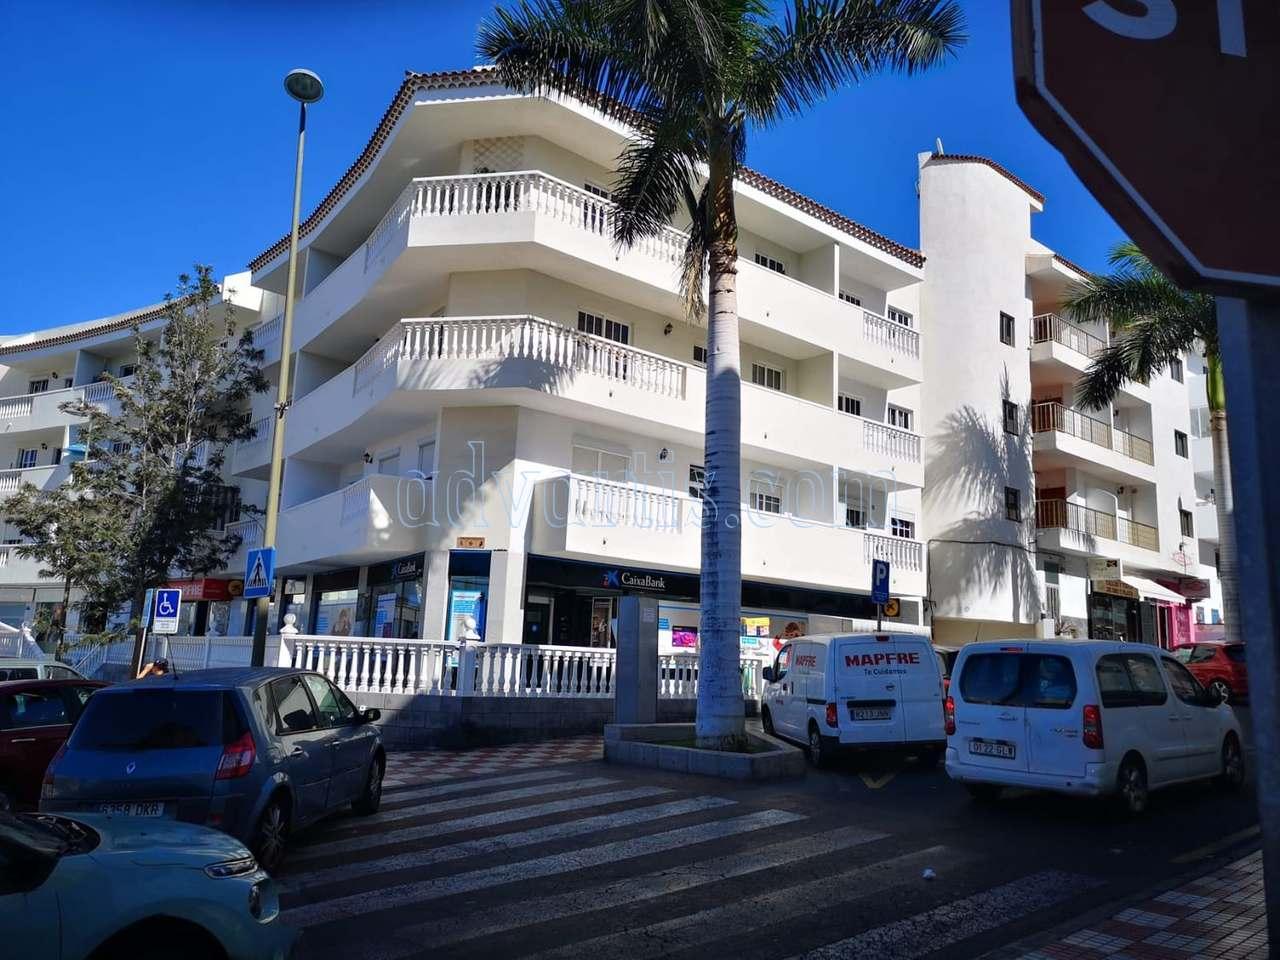 2 bedroom apartment for sale in Adeje, Tenerife €119.900